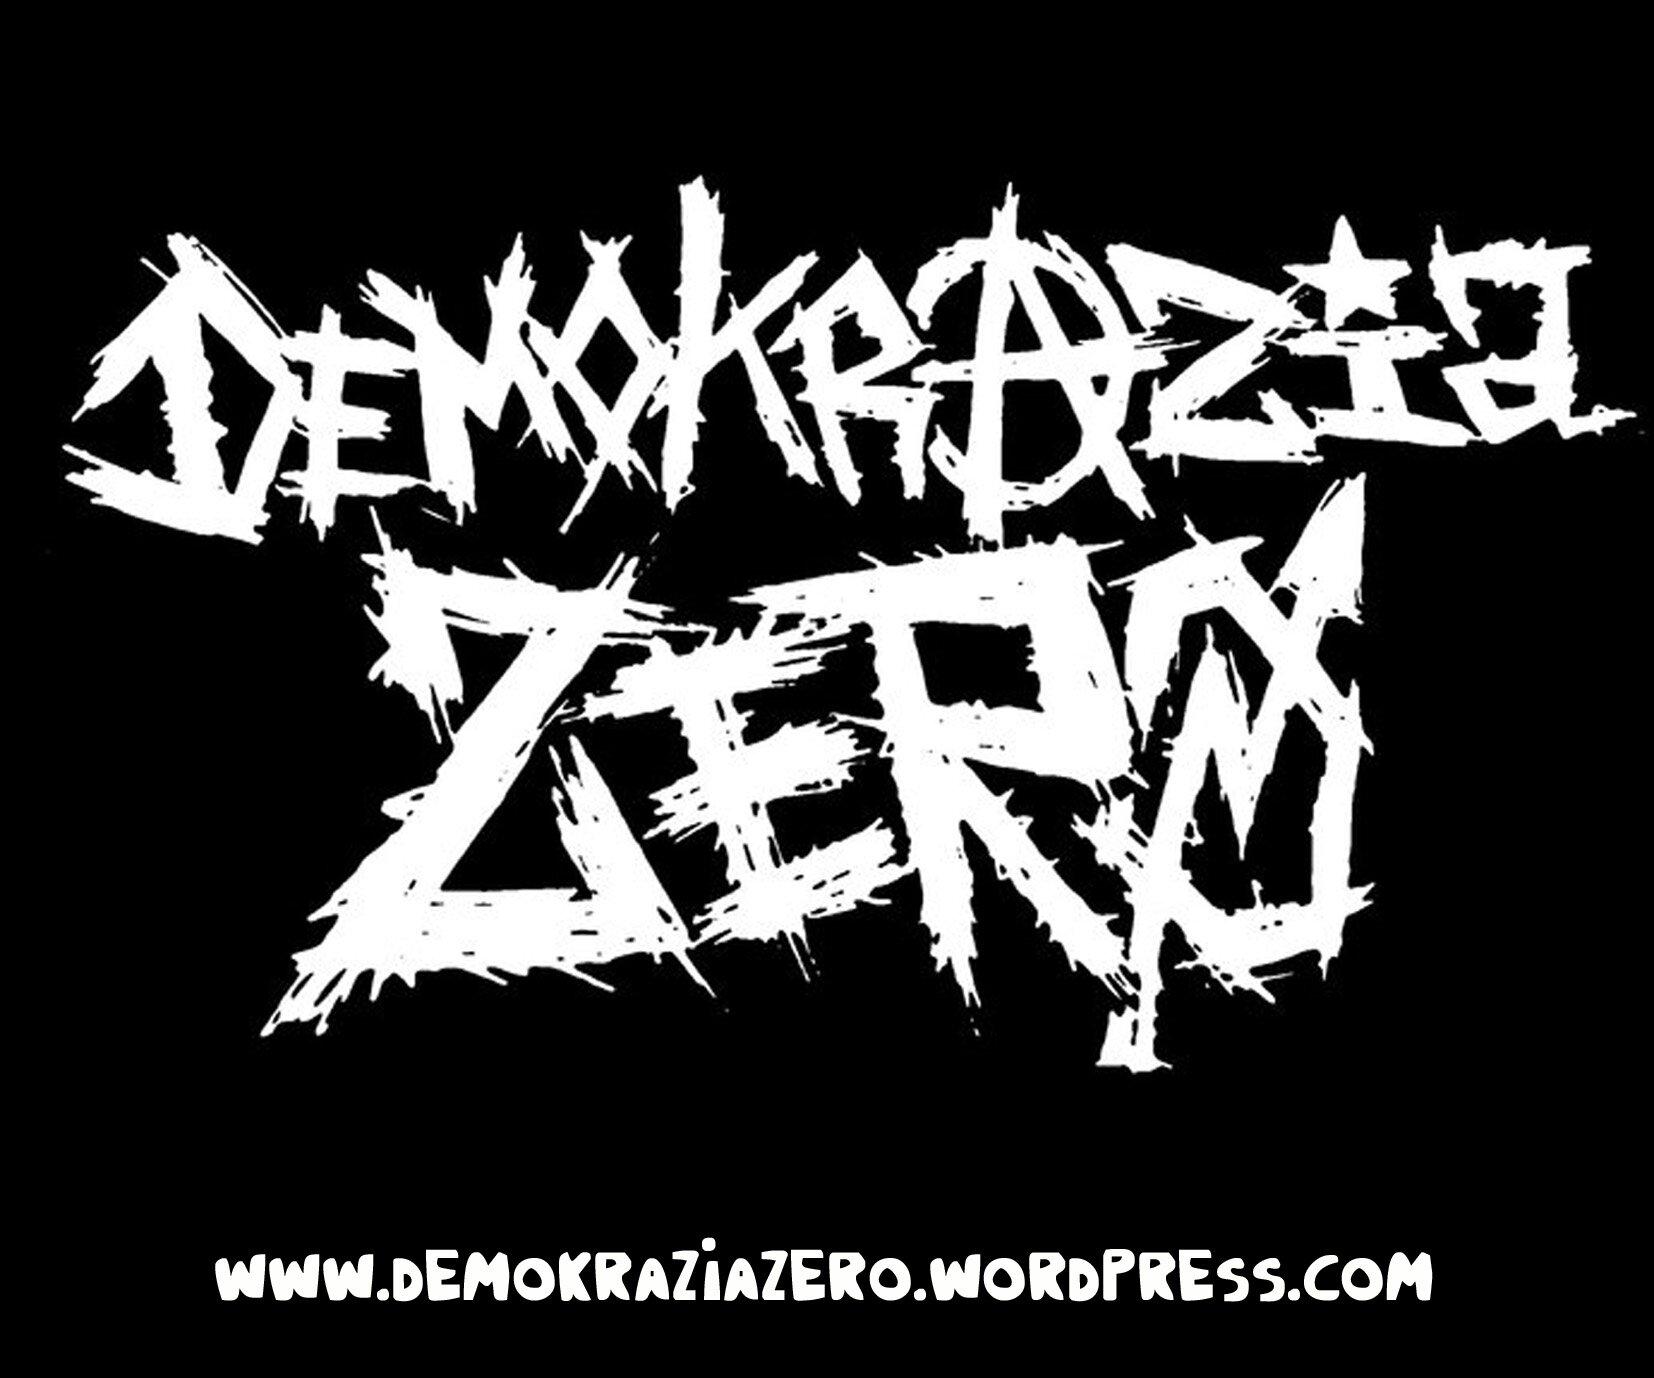 Demokrazia Zero